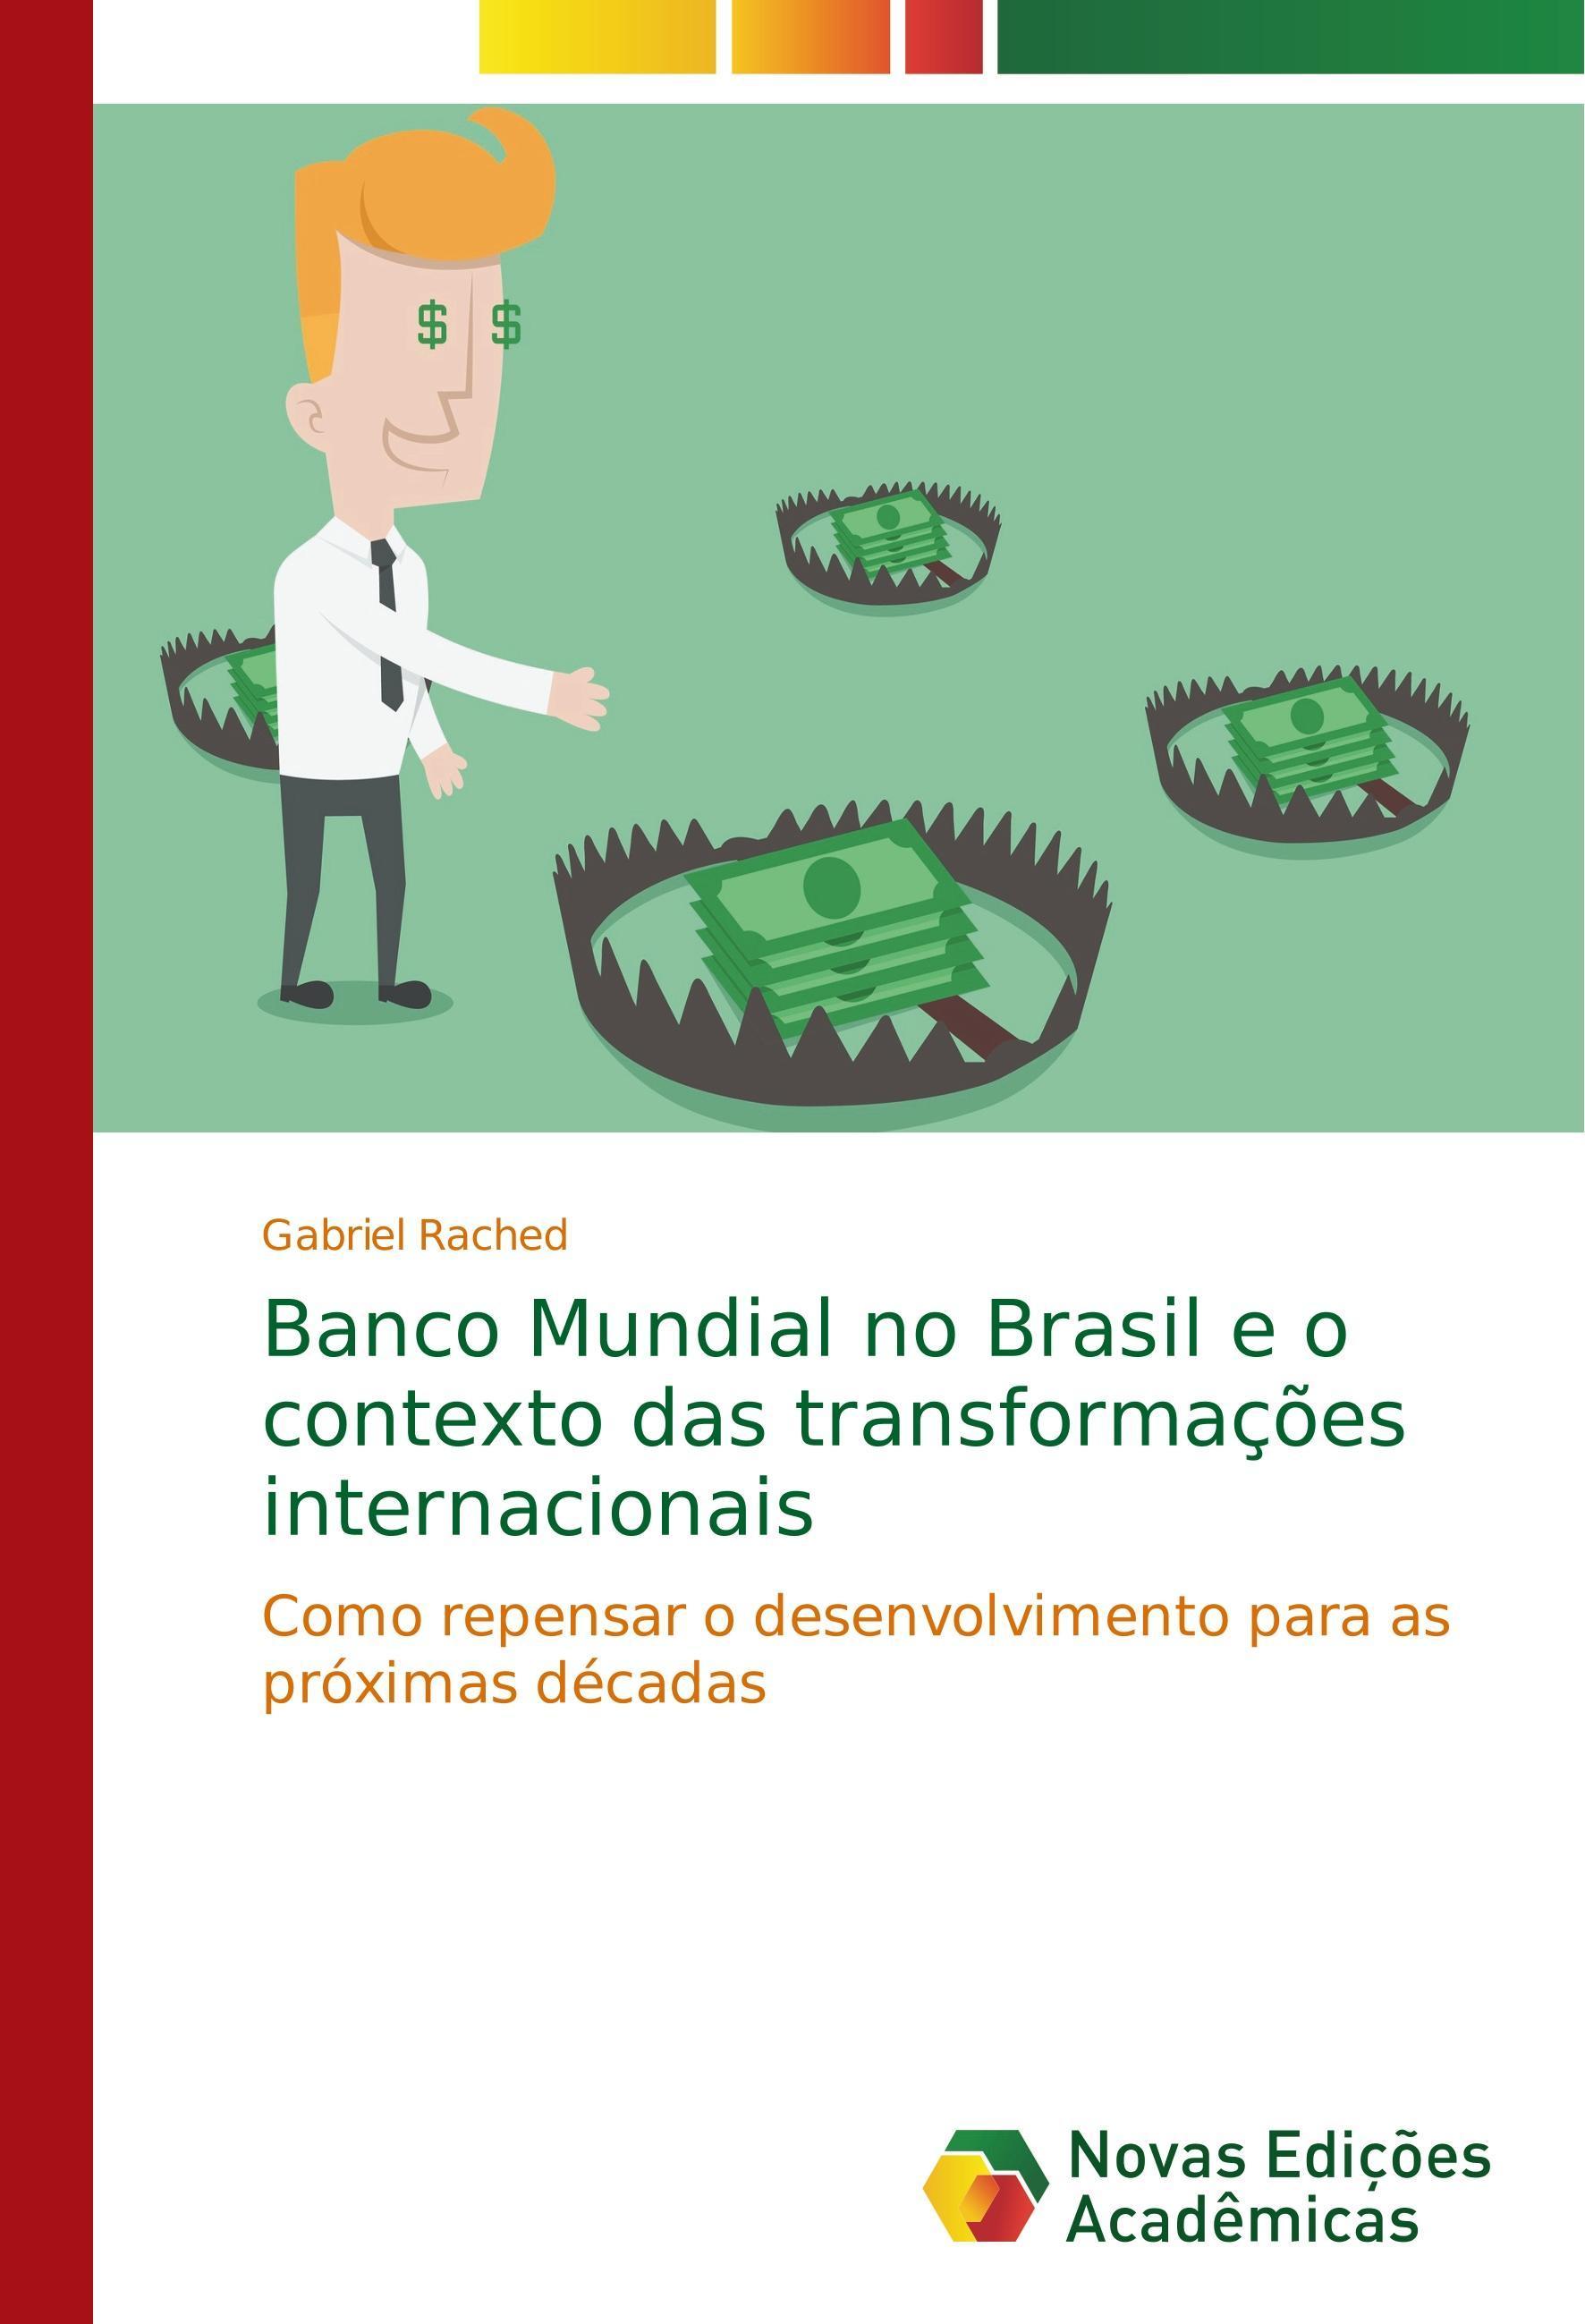 Banco Mundial no Brasil e o contexto das transformações internacionais - Rached, Gabriel